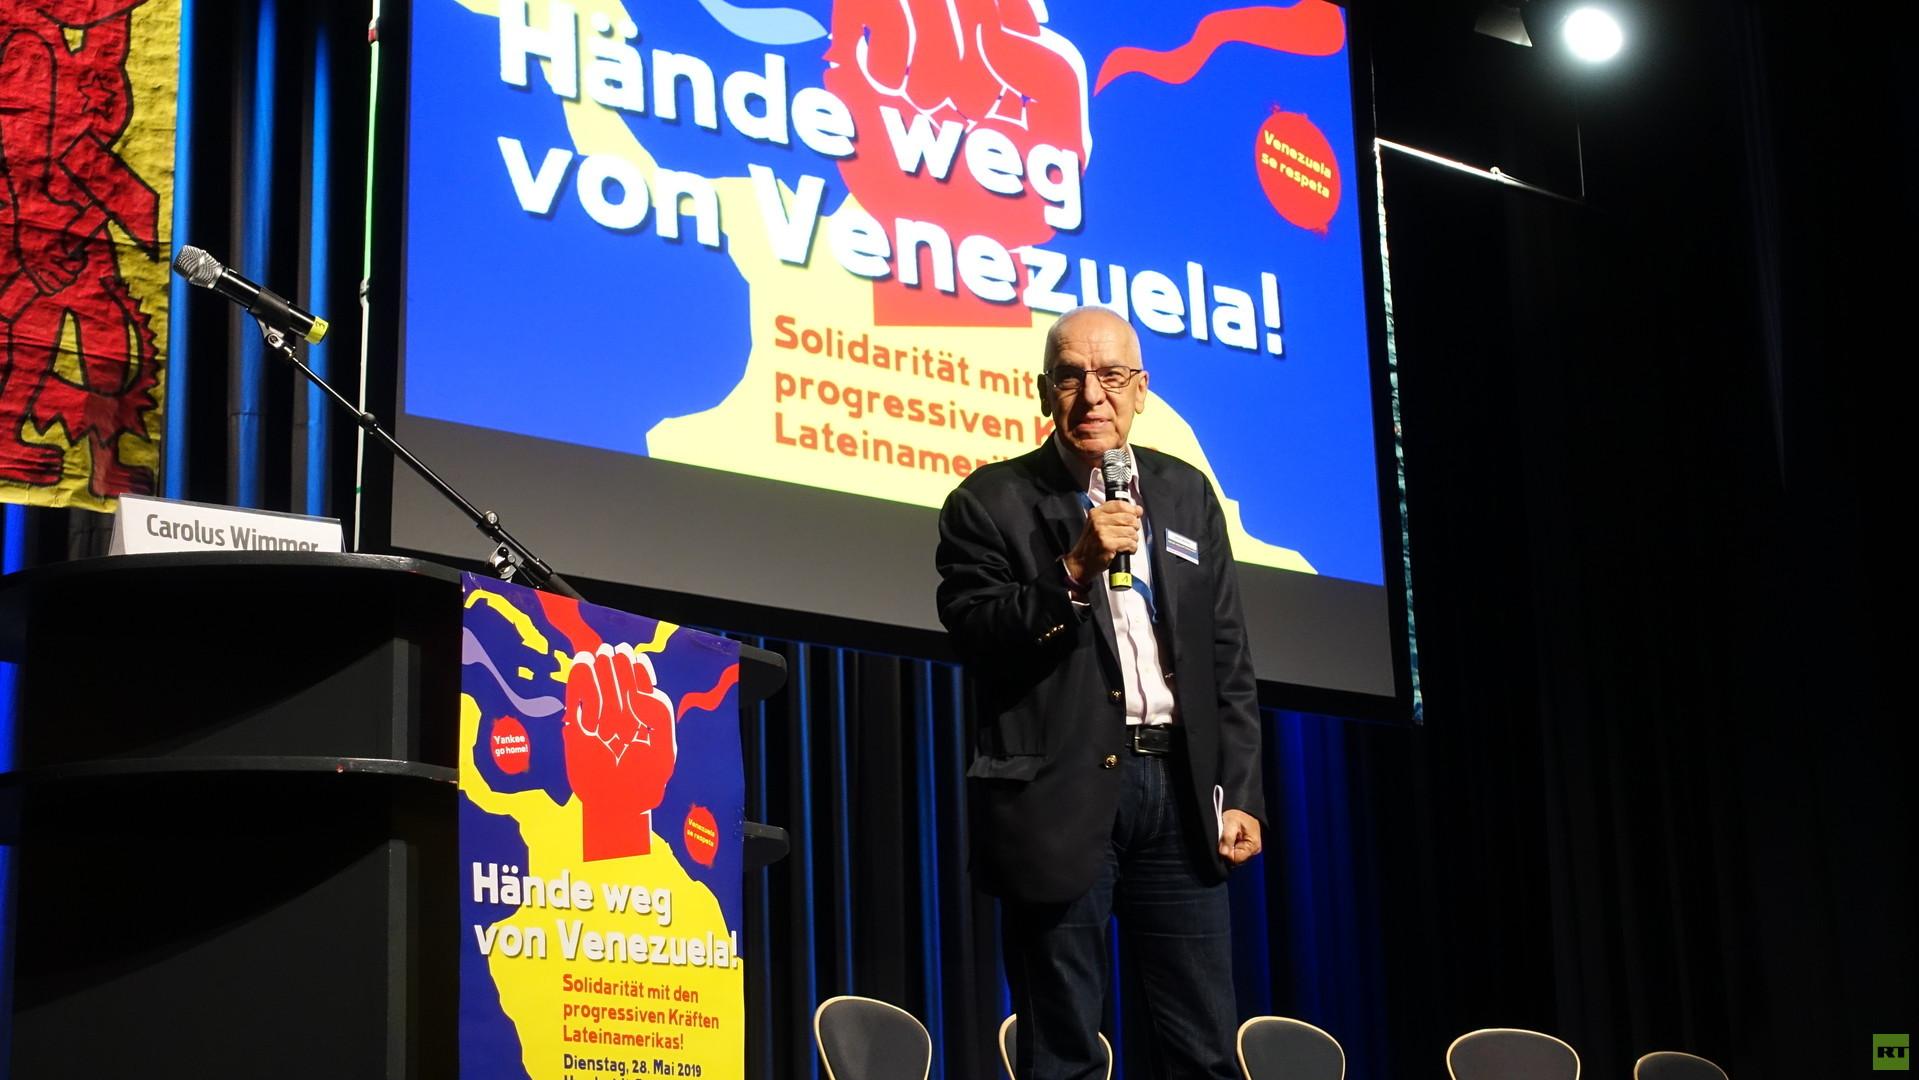 Hände weg von Venezuela: Gegenveranstaltung zum Maas-Lateinamerikagipfel